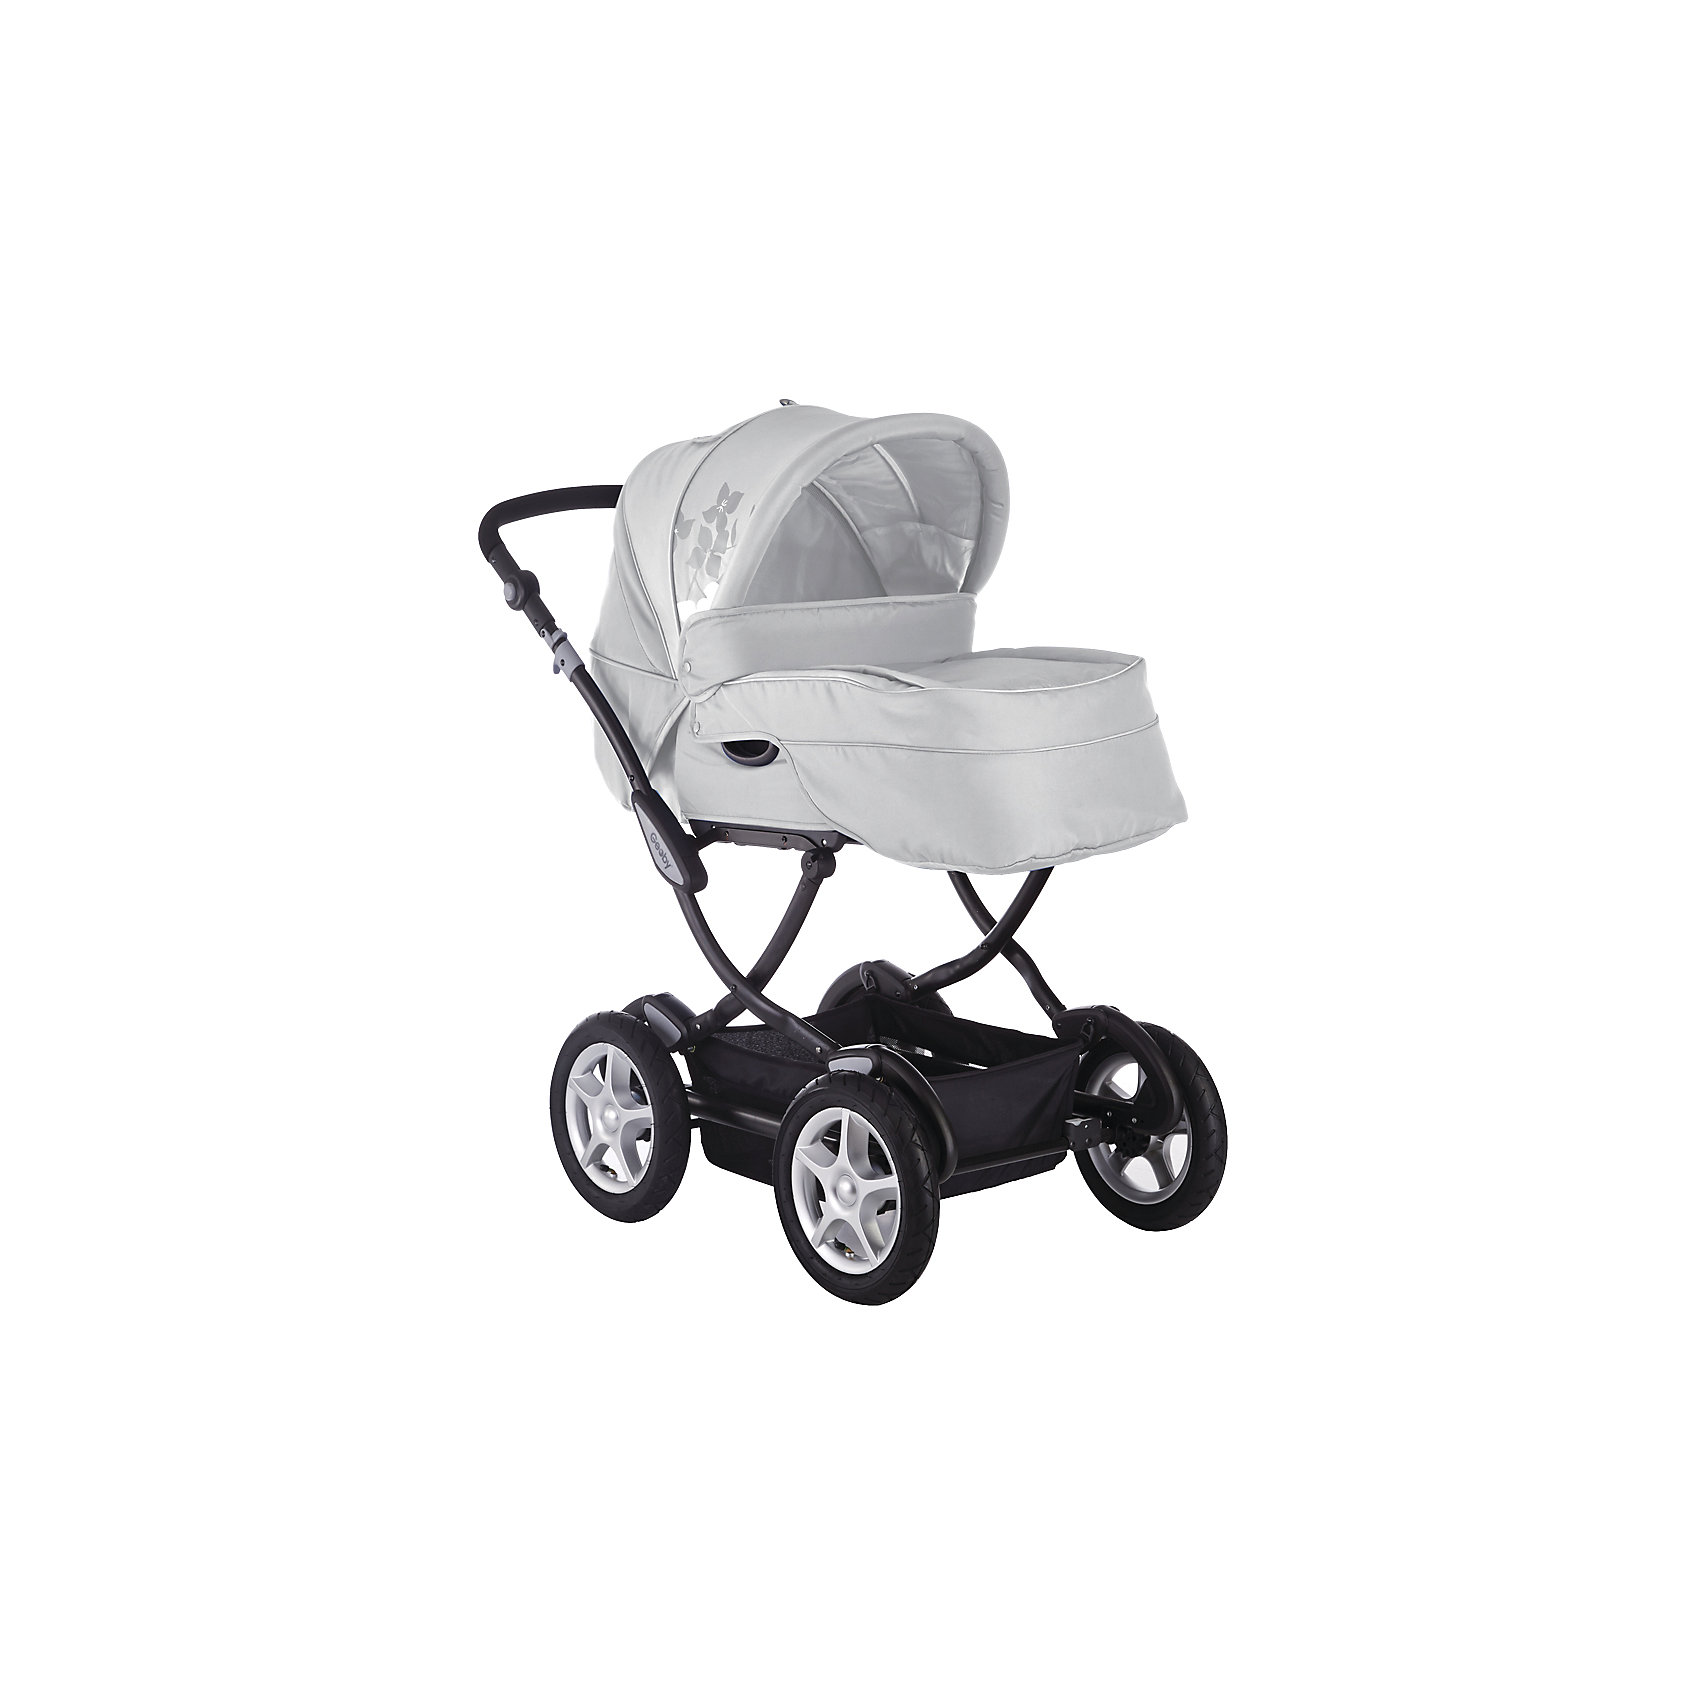 Коляска-трансформер C3018R (R4HS), Geoby серыйУниверсальная коляска предназначена для детей от рождения до 3 лет. Широкое сидение, ремни безопасности и съемный бампер для комфорта ребенка сделают любые прогулки еще интереснее и приятнее. Коляска с перекидной ручкой позволит мамам перебросить ручку в удобное положение, чтобы малыш ехал лицом к дороге или к маме. Спинка сиденья регулируется в 3-х положениях: сидя, полулежа, лежа. Коляска не занимает много места в сложенном виде и ее удобно хранить. <br><br><br>Характеристика:<br>- Алюминиевая рама.<br>- Прогулочный блок устанавливается в любом направлении движения.<br>- 3 положения наклона спинки.<br>- Регулируемая подножка.<br>- Амортизационная подвеска.<br>- Съемные колеса.<br>- Регулируемая по высоте ручка.<br>- Система ремней безопасности.<br>- Смотровое окно.<br>- Вентиляционное окно.<br>- Багажная корзина.<br>В комплекте:  <br>- 2 полога.<br>- Дождевик. <br>- Москитная сетка.<br>- Матрасик, <br>- Люлька для переноски ребенка.<br><br>Дополнительная информация:<br><br>- Цвет: серый.<br>- Диаметр колес: 30,5 см.<br>- Размеры (ДхШхВ): 126х60х112 см.<br>- Размеры в собранном виде(ДхШхВ): 43х60х91 см.<br>- Вес коляски: 16 кг.<br><br>Купить коляску-трансформер C3018R (R4HS) Geoby в  сером цвете, можно в нашем магазине.<br><br>Ширина мм: 550<br>Глубина мм: 550<br>Высота мм: 950<br>Вес г: 24800<br>Возраст от месяцев: 0<br>Возраст до месяцев: 36<br>Пол: Унисекс<br>Возраст: Детский<br>SKU: 4756913